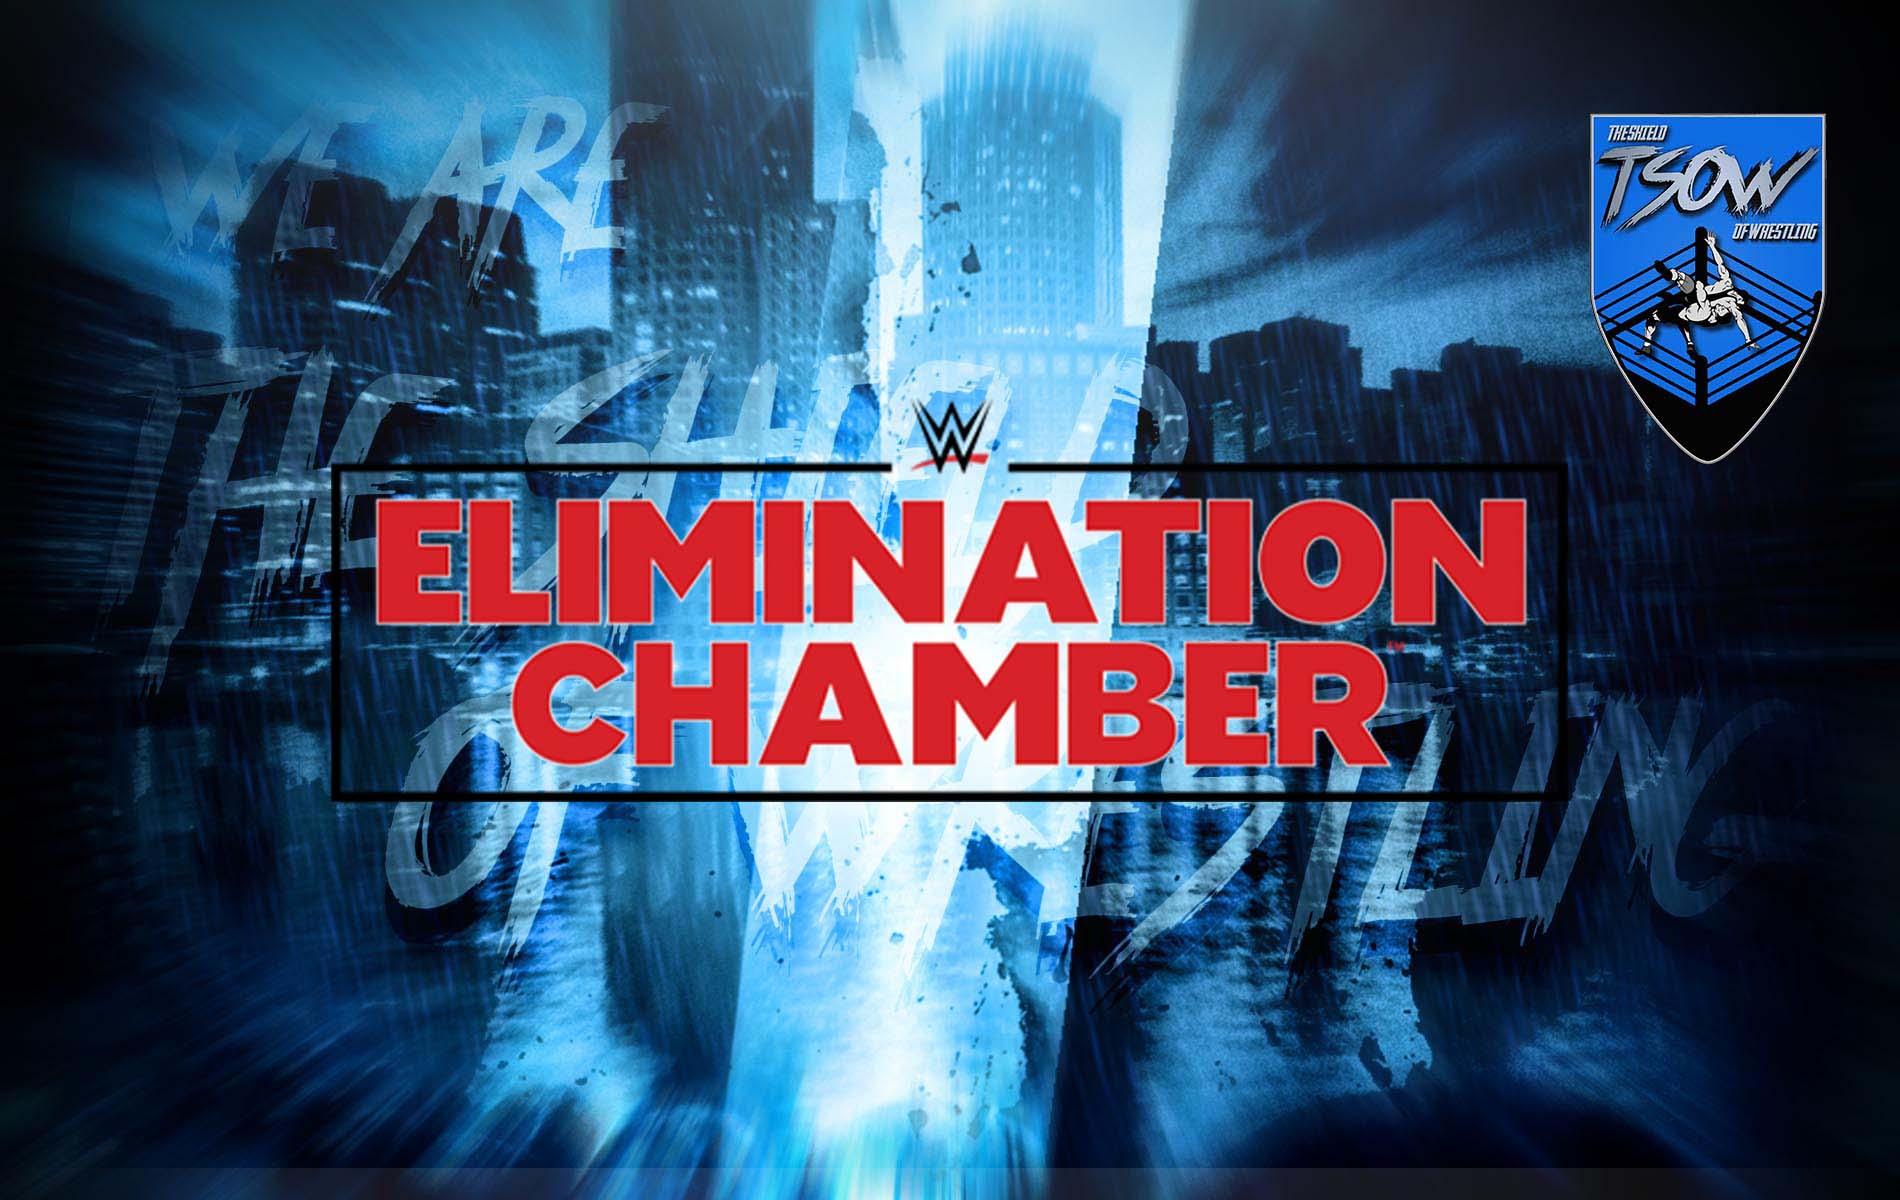 The Miz si ritira dall'Elimination Chamber Match